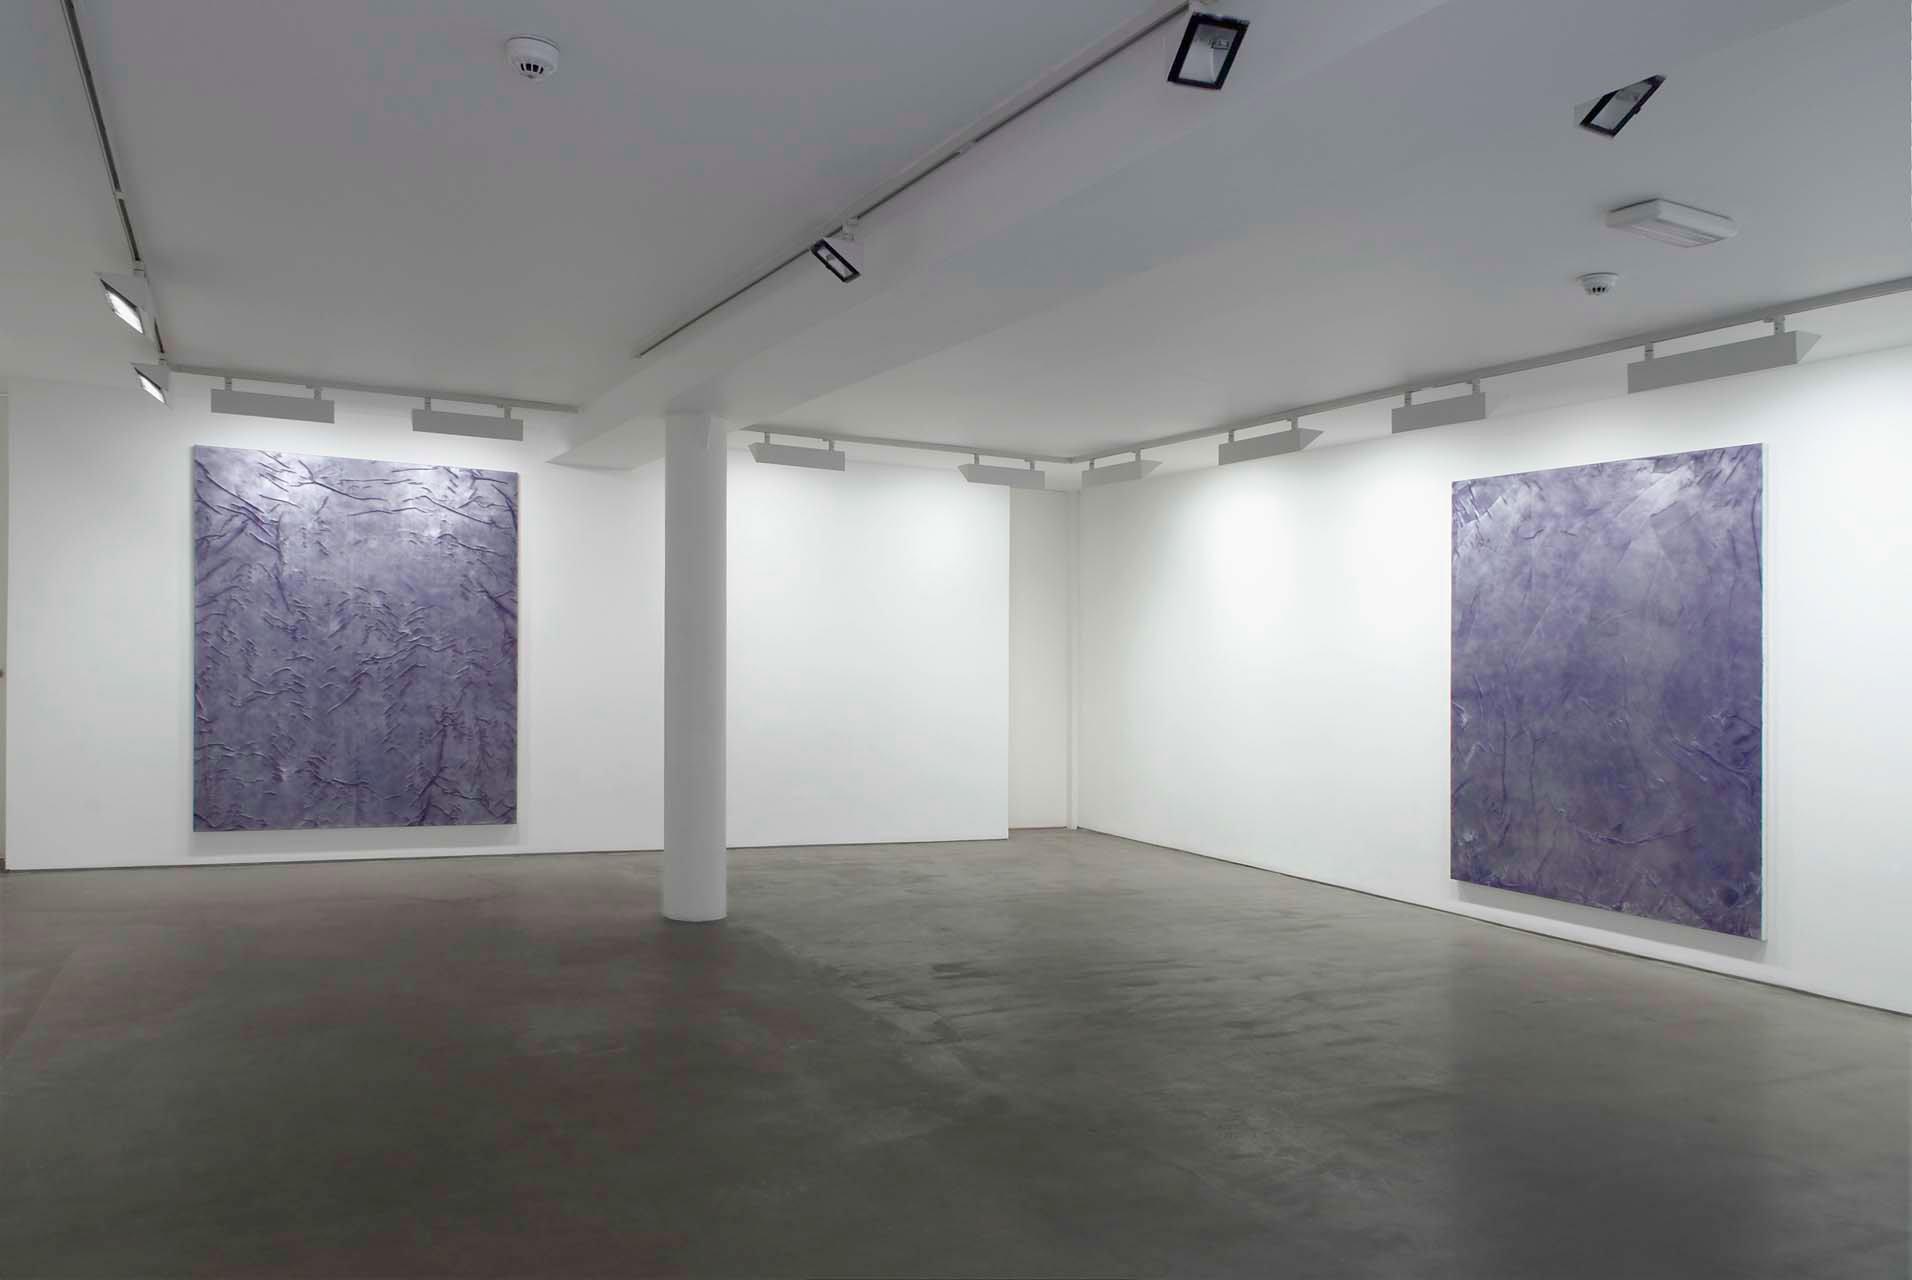 """<div class=""""artwork_caption""""><p>Installation View, 2009</p></div>"""